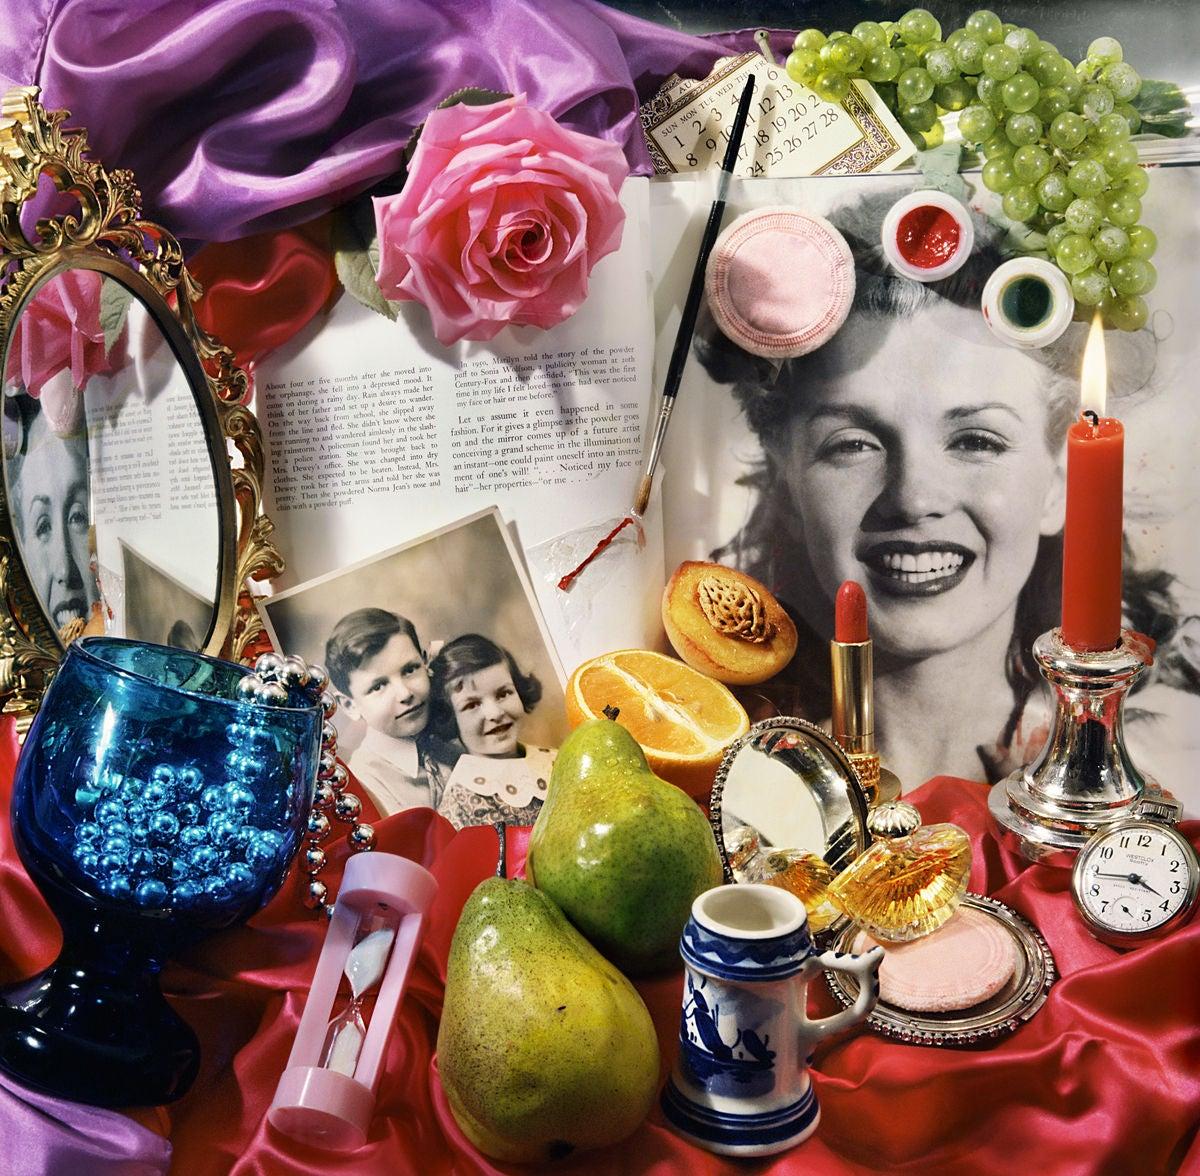 Audrey Flack - Study for Marilyn (Vanitas) II at 1stdibs